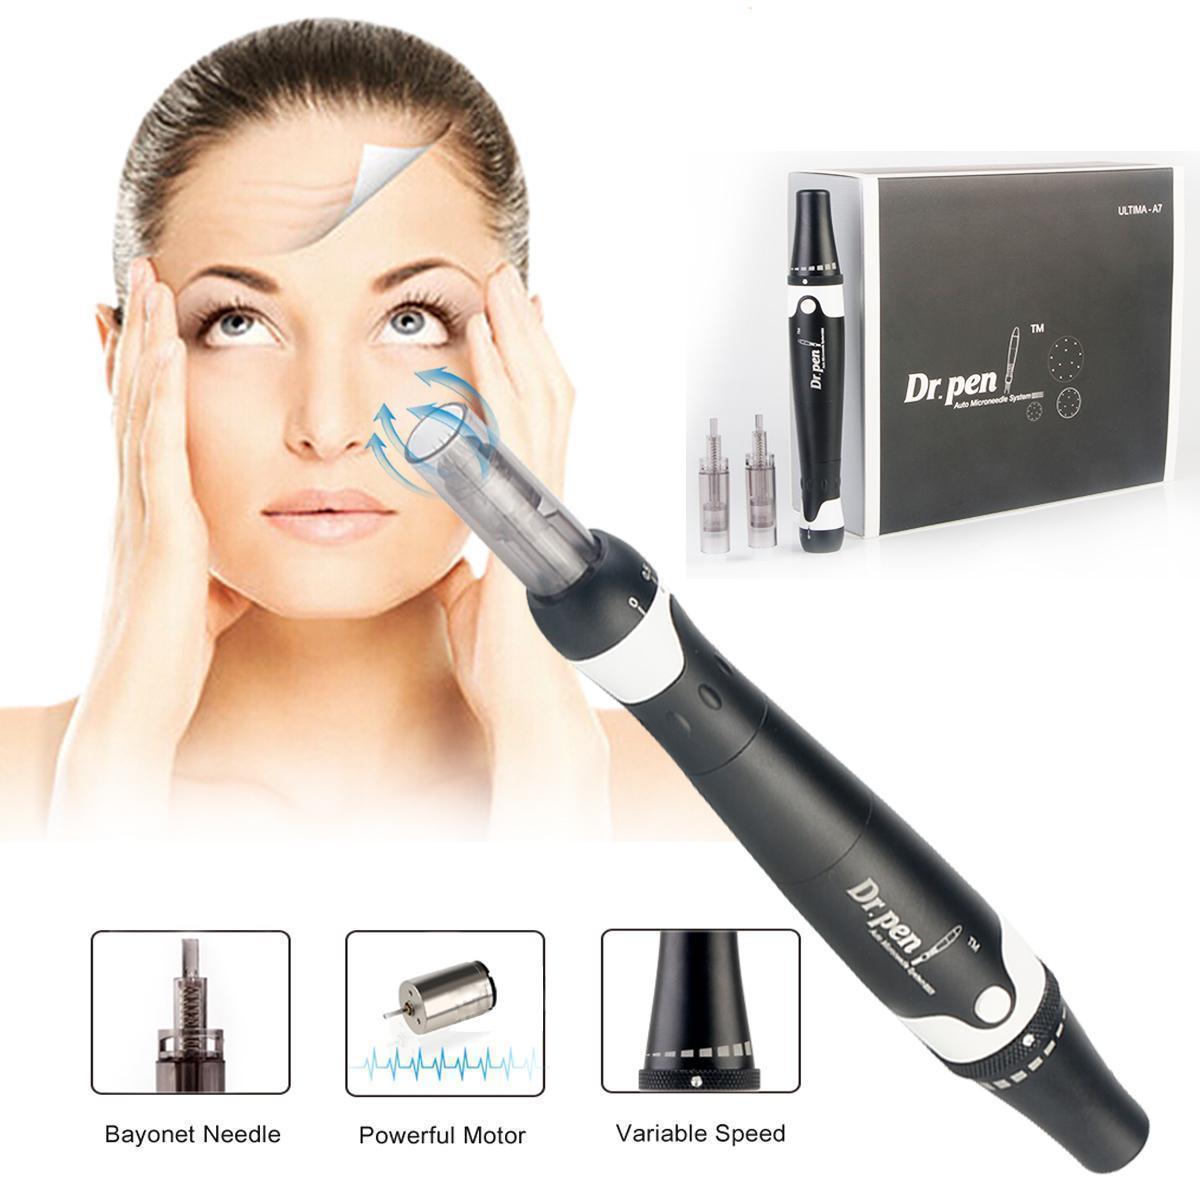 ULTIMA A7 Electric Derma Micro Needle Anti-Aging Pen